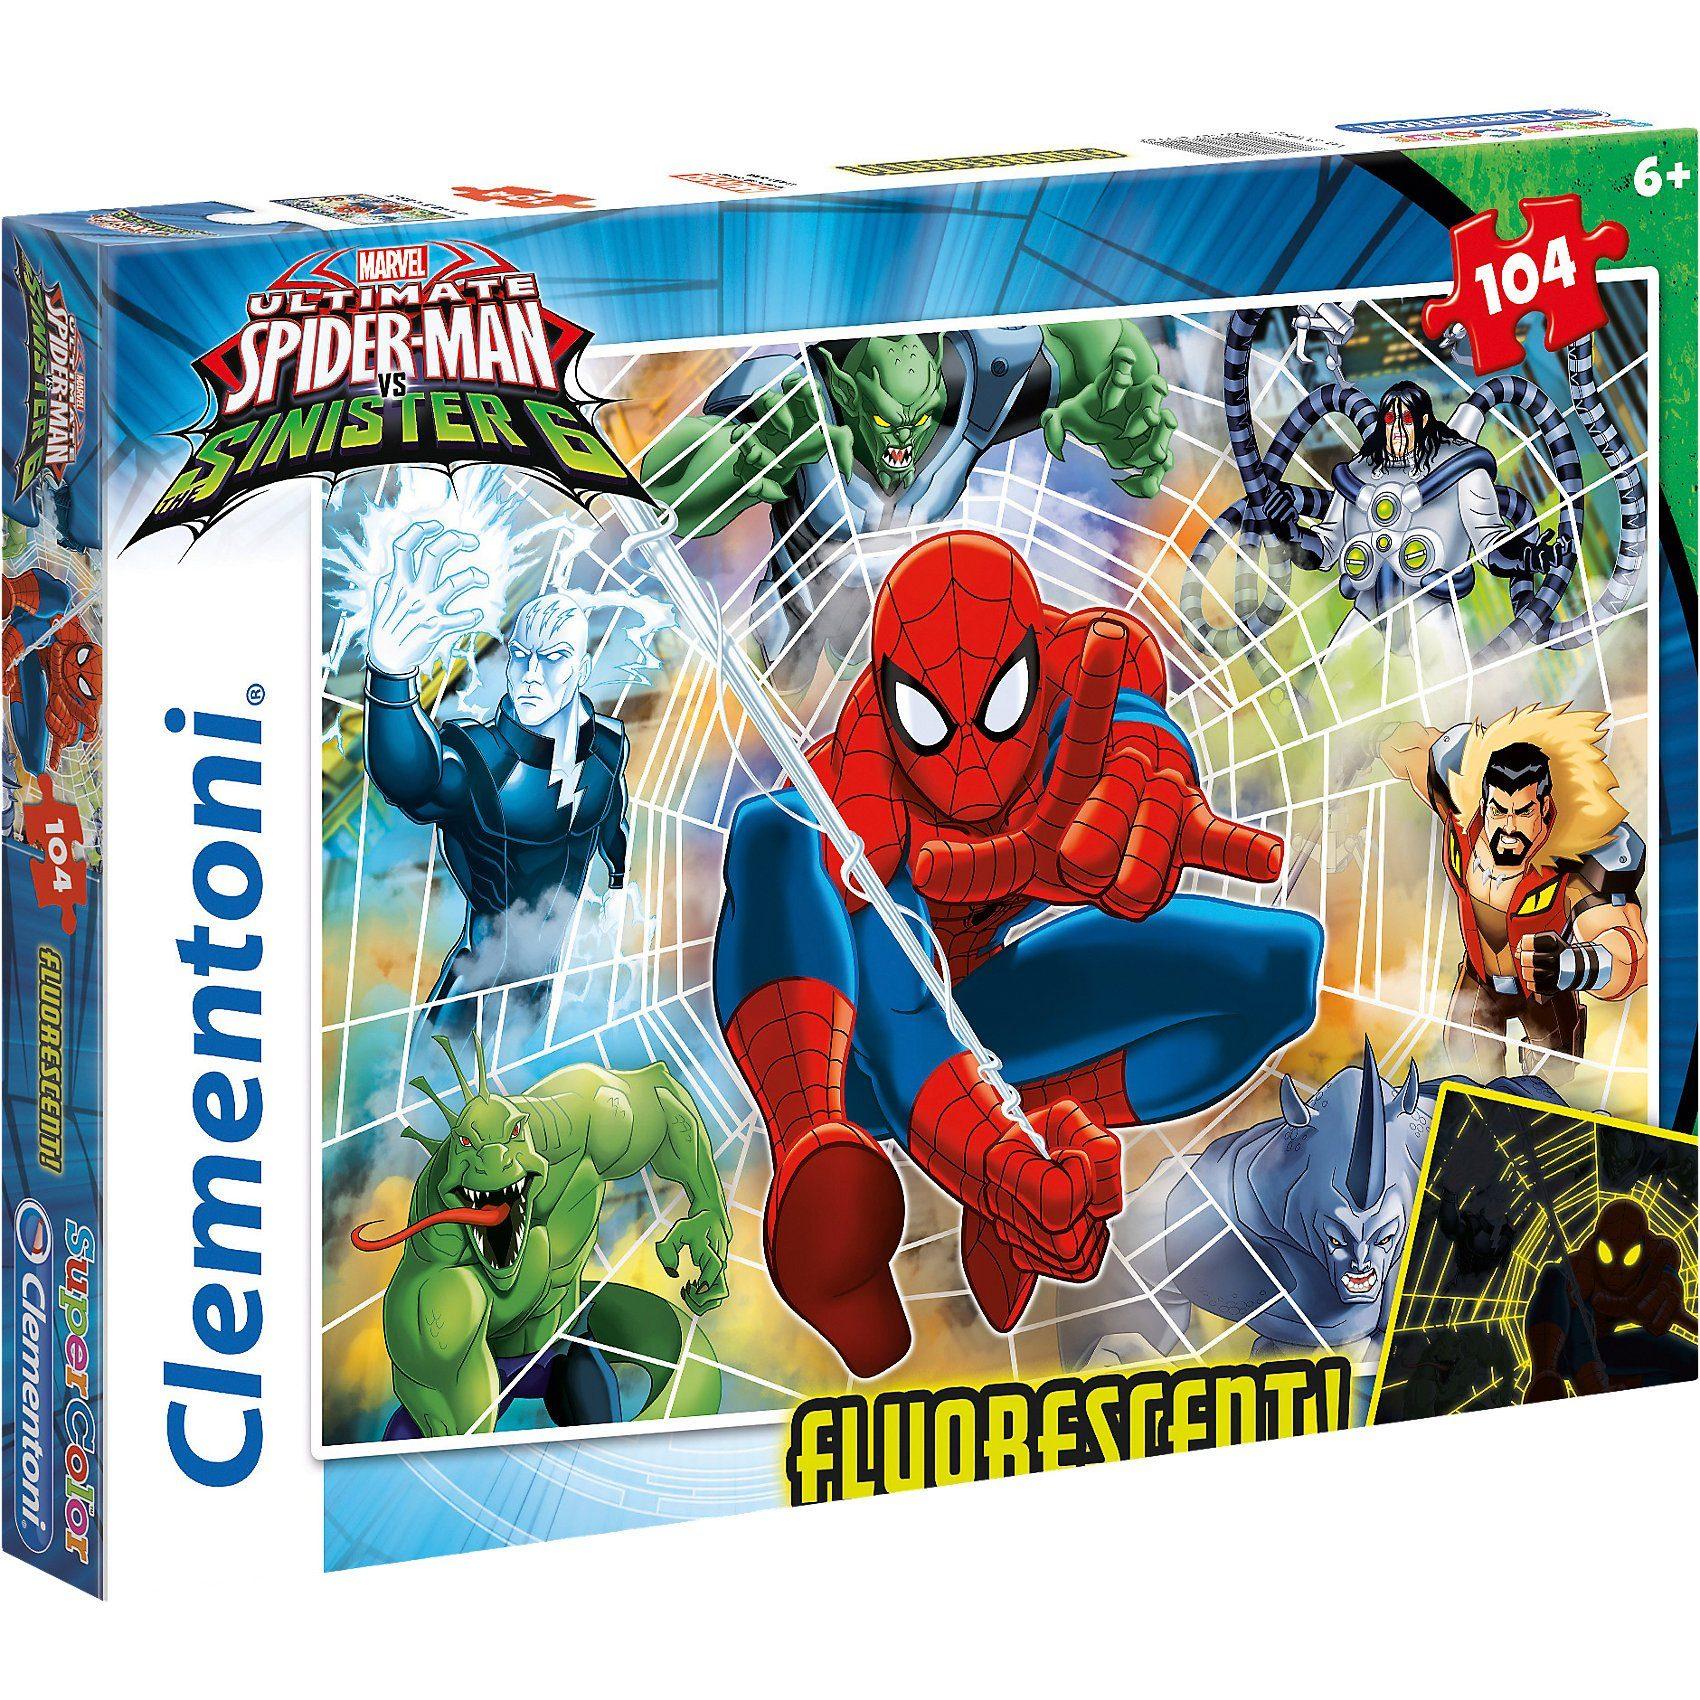 Clementoni Puzzle 104 Teile fluoreszierend - Spiderman